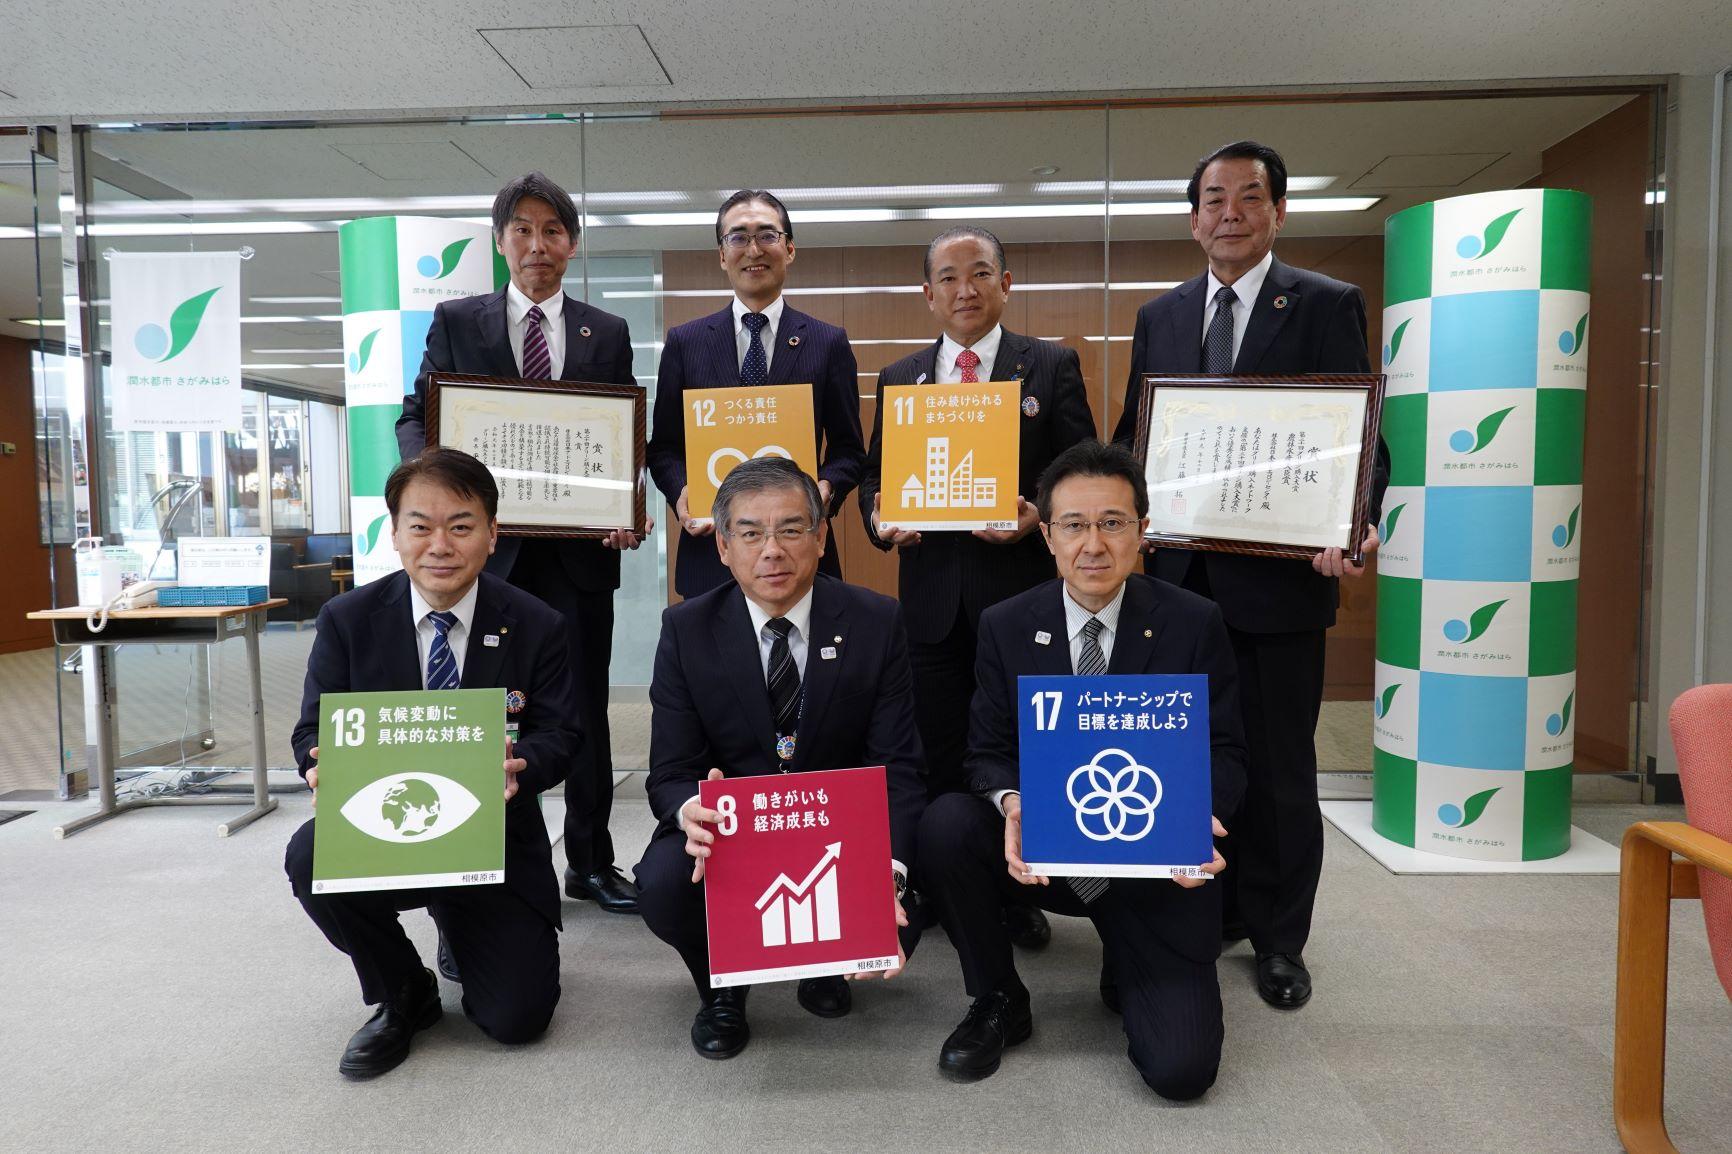 後列右から2番目が本村市長、後列左から2番目が弊社社長の髙橋